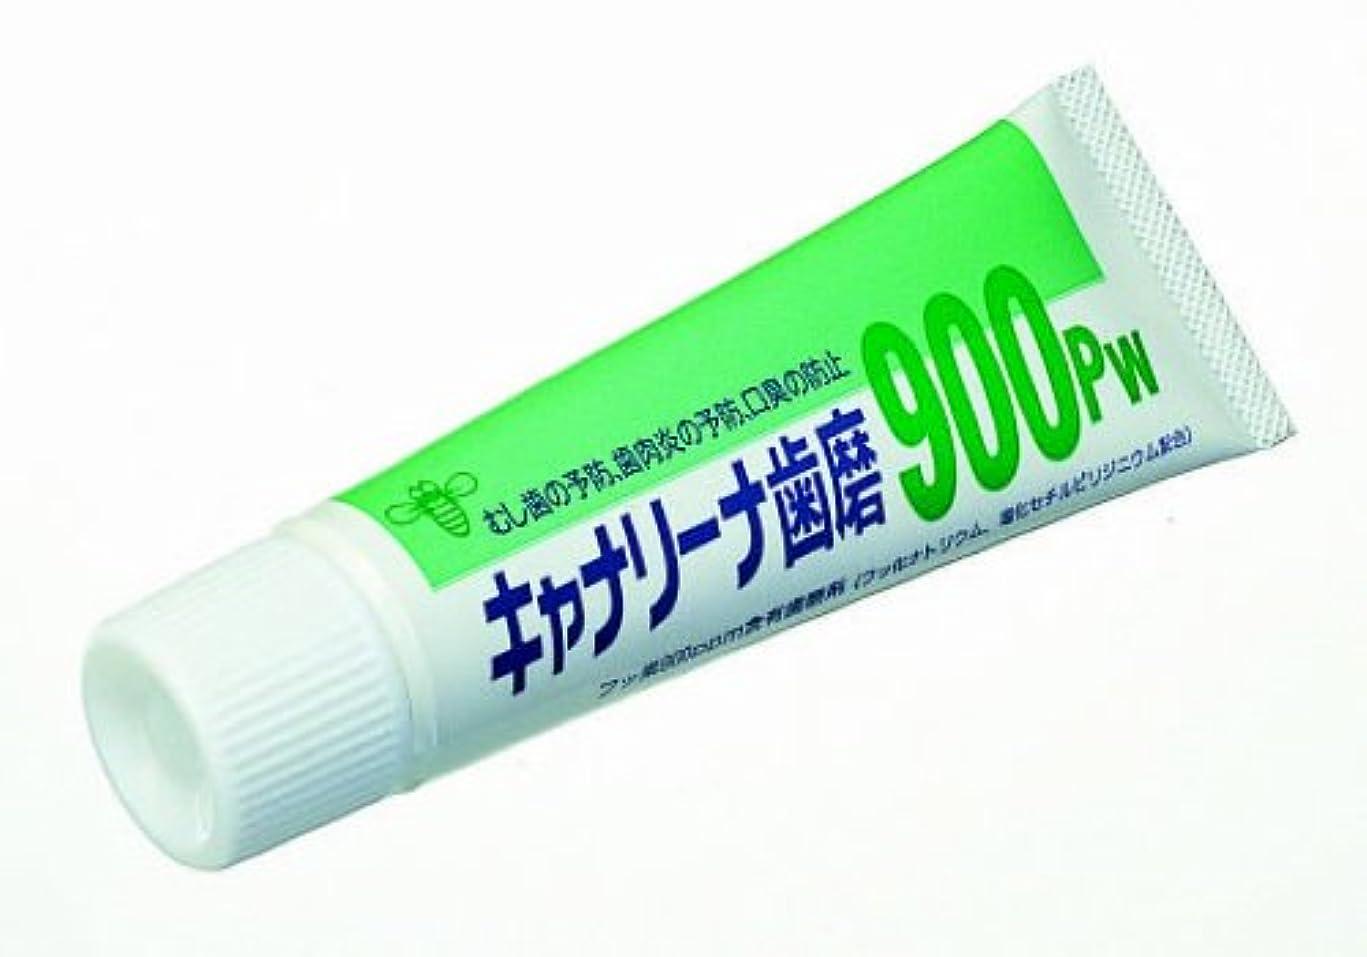 汚染された穿孔する汚染キャナリーナ900pw 10本入り